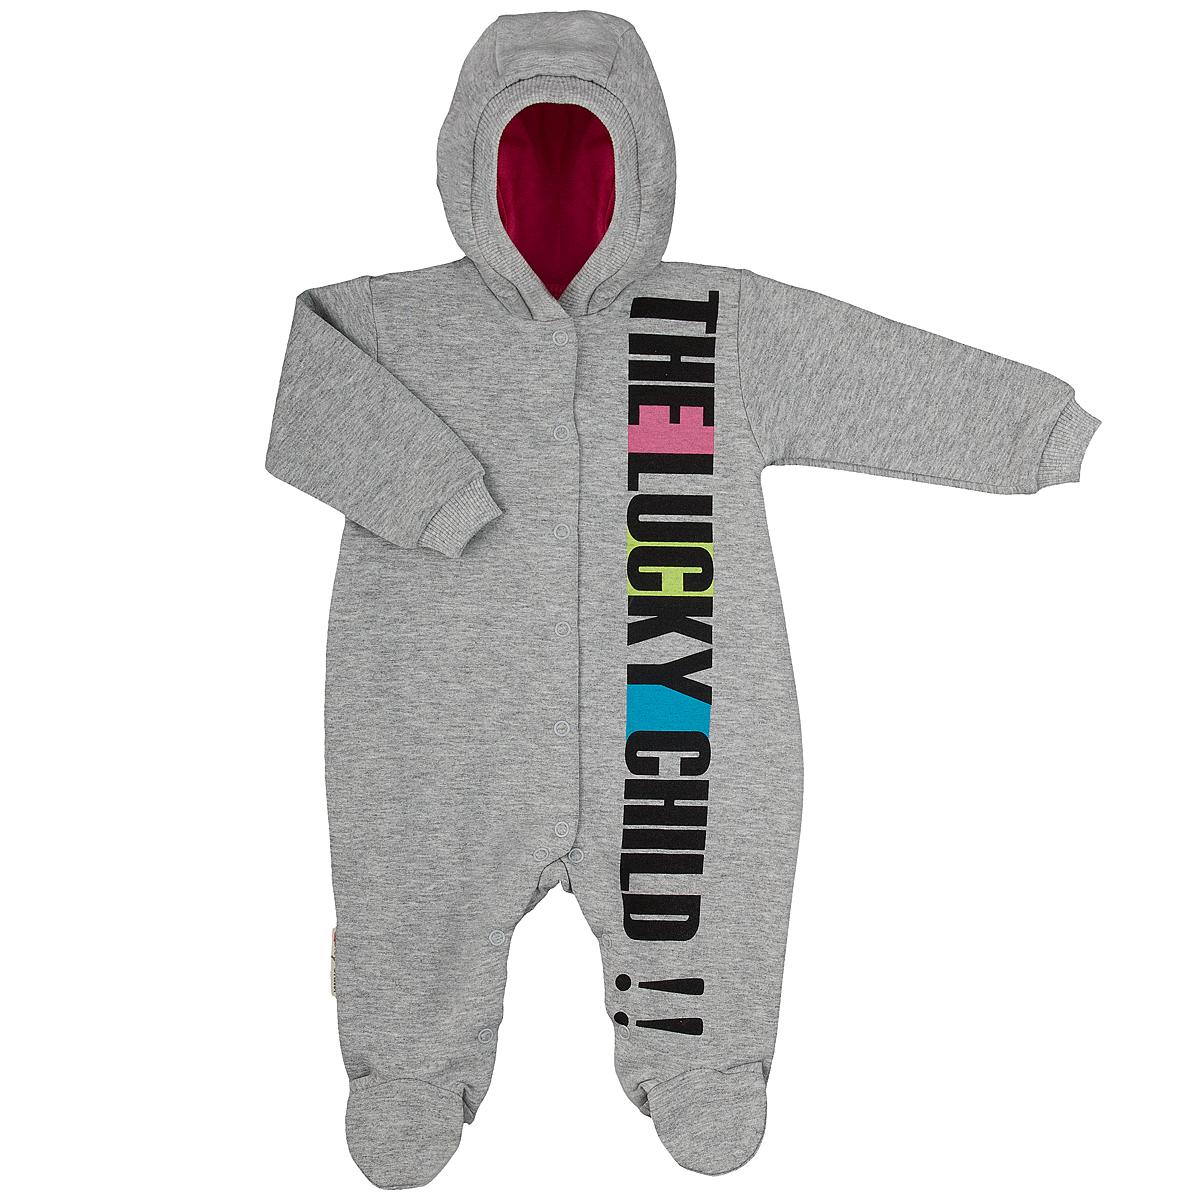 Комбинезон детский Lucky Child, цвет: серый, розовый. 1-3. Размер 68/741-3Детский комбинезон с капюшоном Lucky Child - очень удобный и практичный вид одежды для малышей. Комбинезон выполнен из натурального хлопка, благодаря чему он необычайно мягкий и приятный на ощупь, не раздражают нежную кожу ребенка и хорошо вентилируются, а эластичные швы приятны телу малыша и не препятствуют его движениям. Комбинезон с длинными рукавами и закрытыми ножками имеет застежки-кнопки по центру от горловины до щиколоток, которые помогают легко переодеть младенца или сменить подгузник. Спереди он оформлен оригинальным принтом в виде надписи The Lucky Child!!. Рукава понизу дополнены широкими трикотажными манжетами, не перетягивающими запястья. С детским комбинезоном Lucky Child спинка и ножки вашего малыша всегда будут в тепле, он идеален для использования днем и незаменим ночью. Комбинезон полностью соответствует особенностям жизни младенца в ранний период, не стесняя и не ограничивая его в движениях!